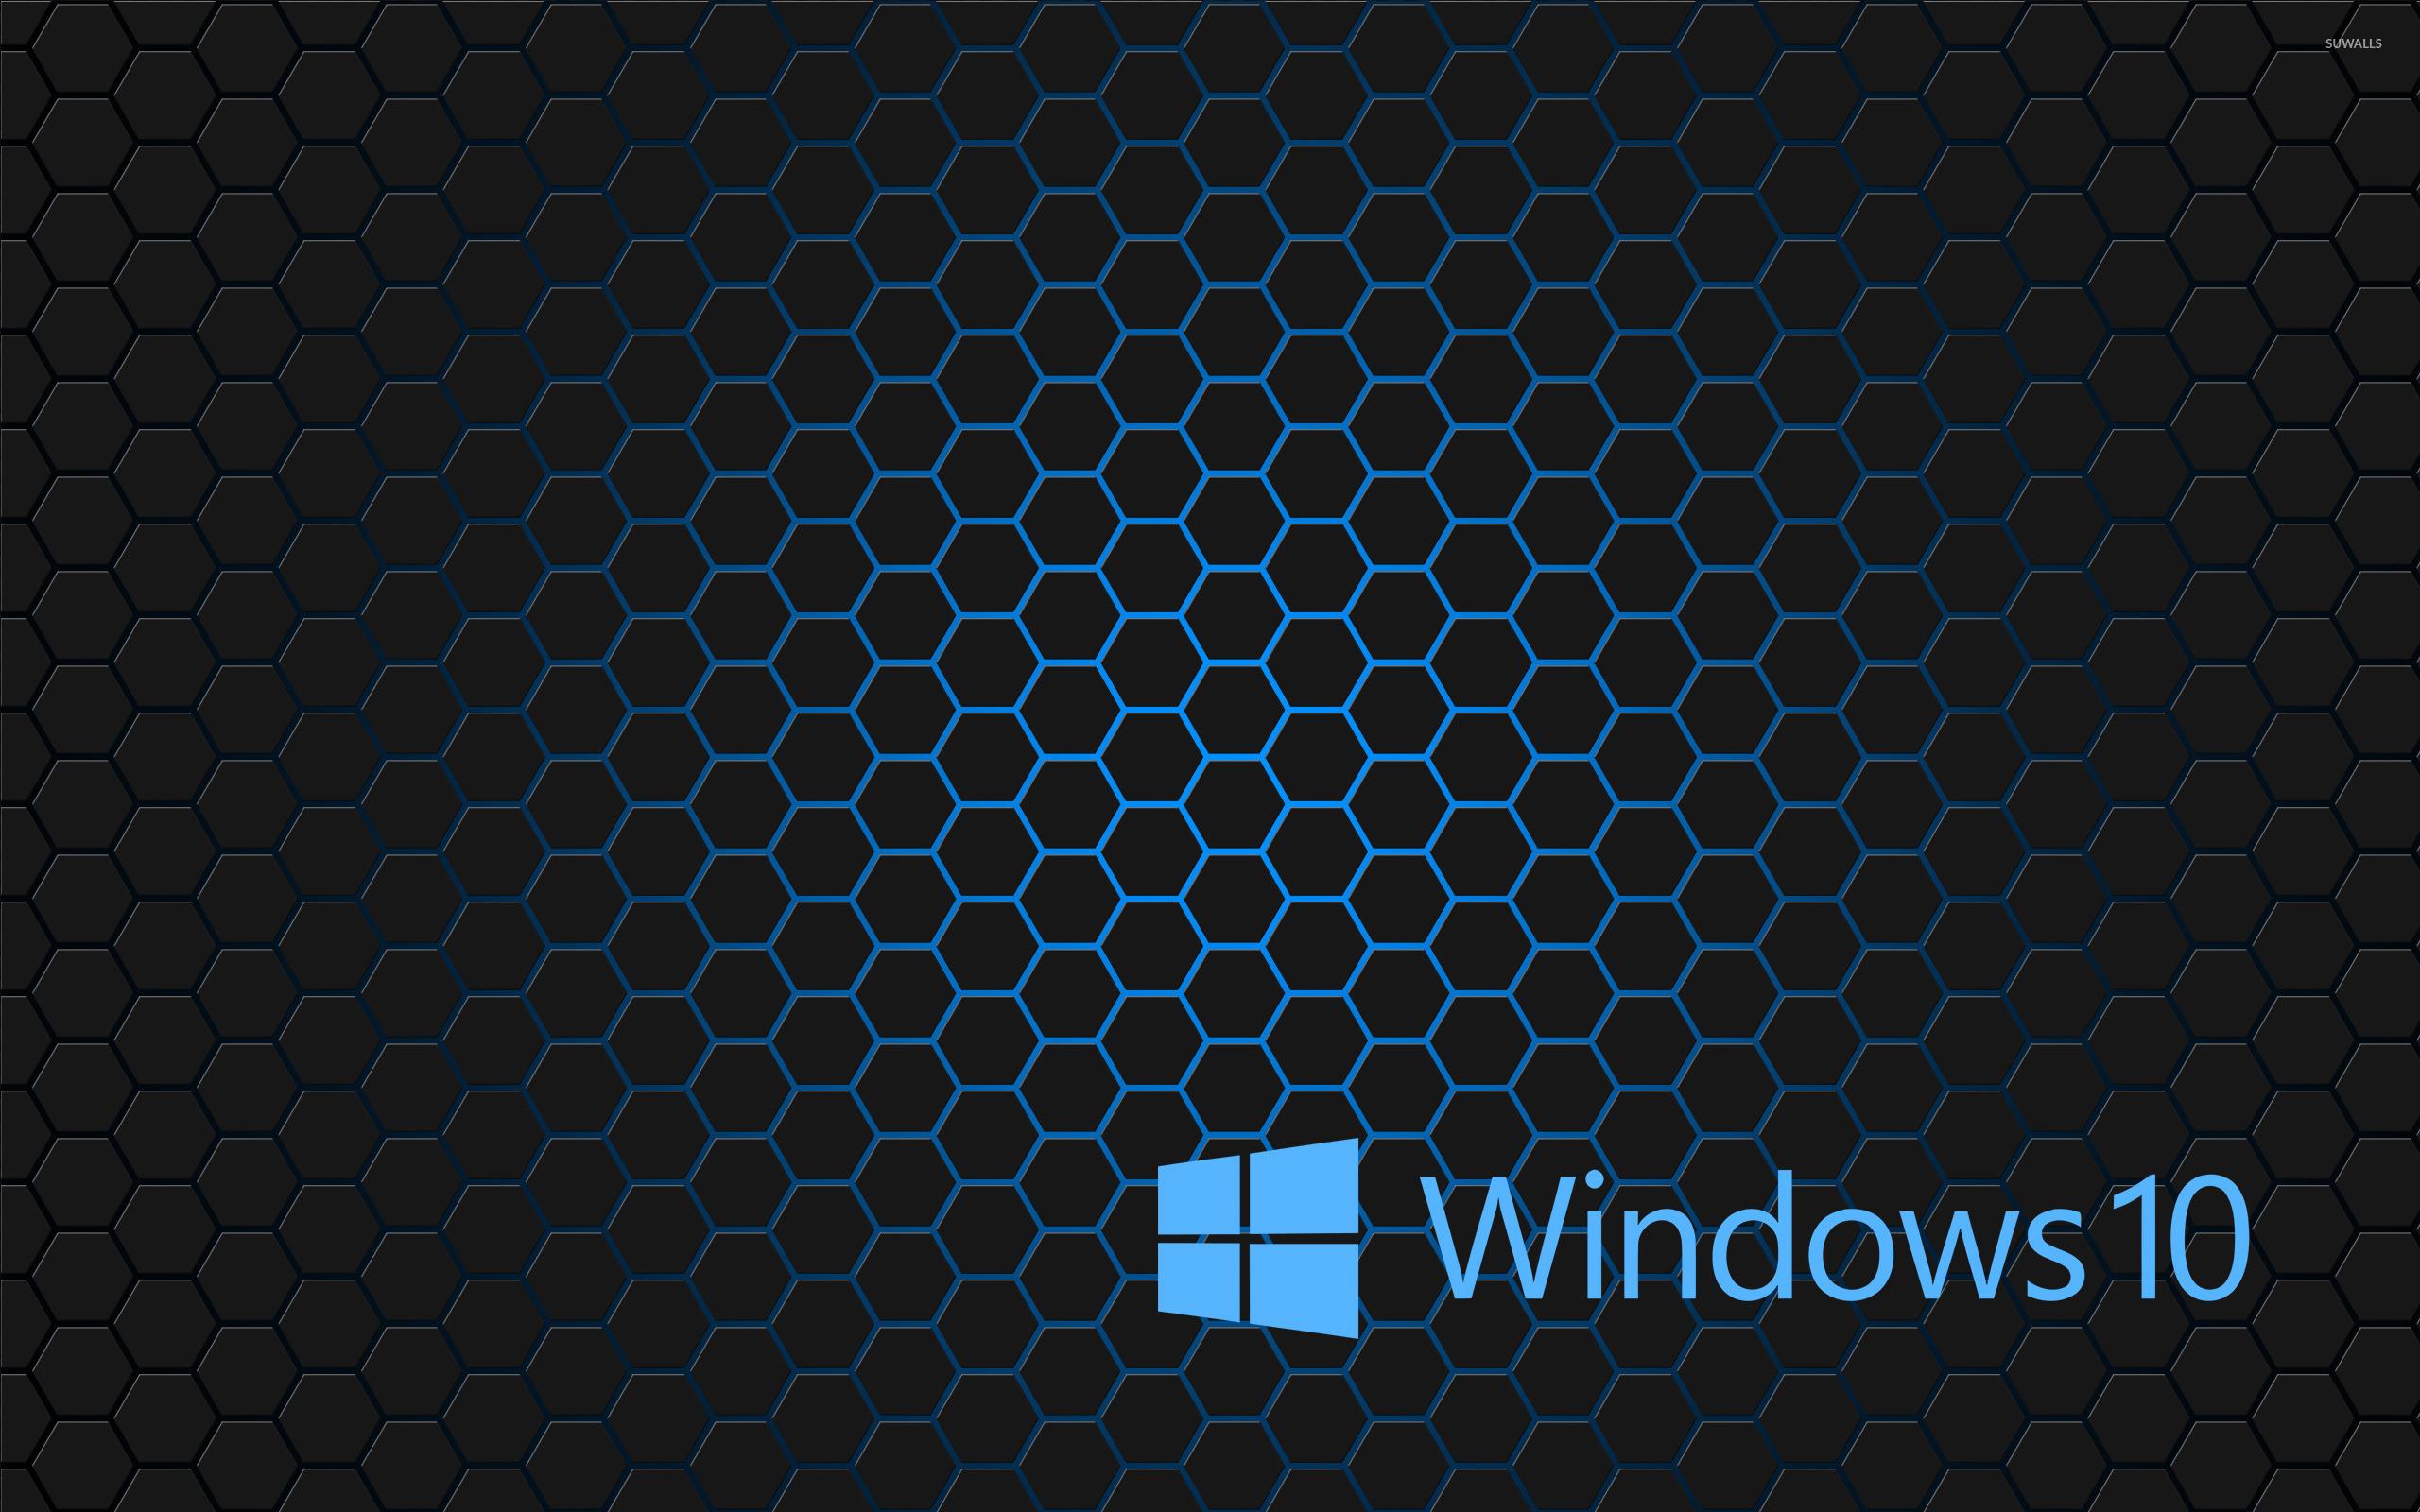 Windows 10 blue text logo on hexagons wallpaper   Computer wallpapers 1680x1050